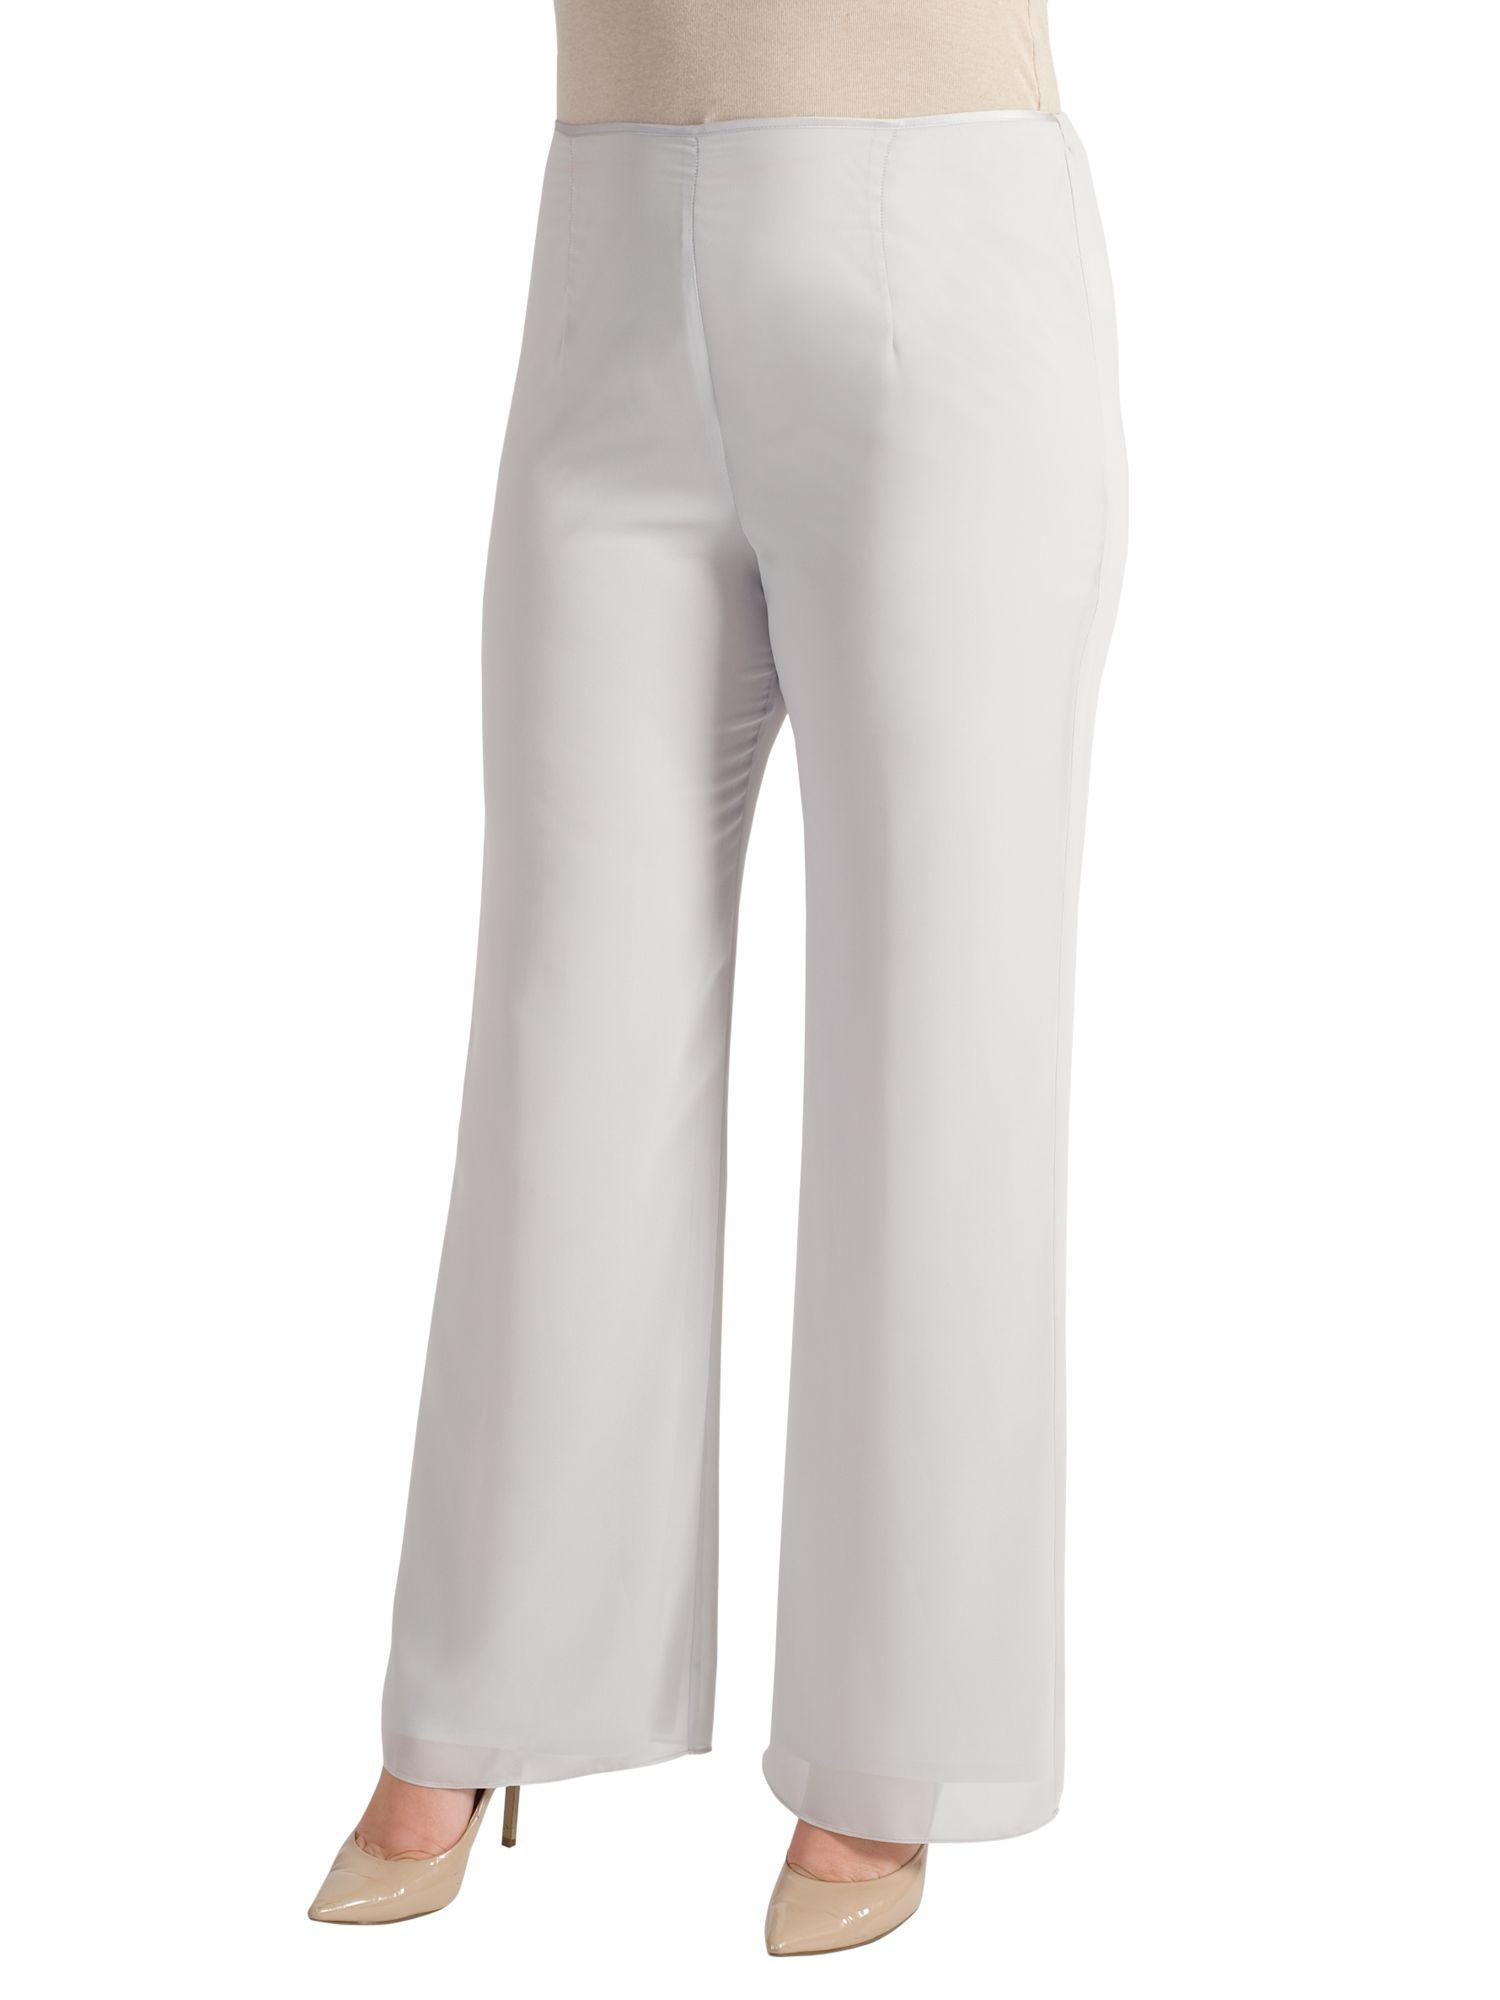 Chesca Chesca Satin Trim Chiffon Trousers